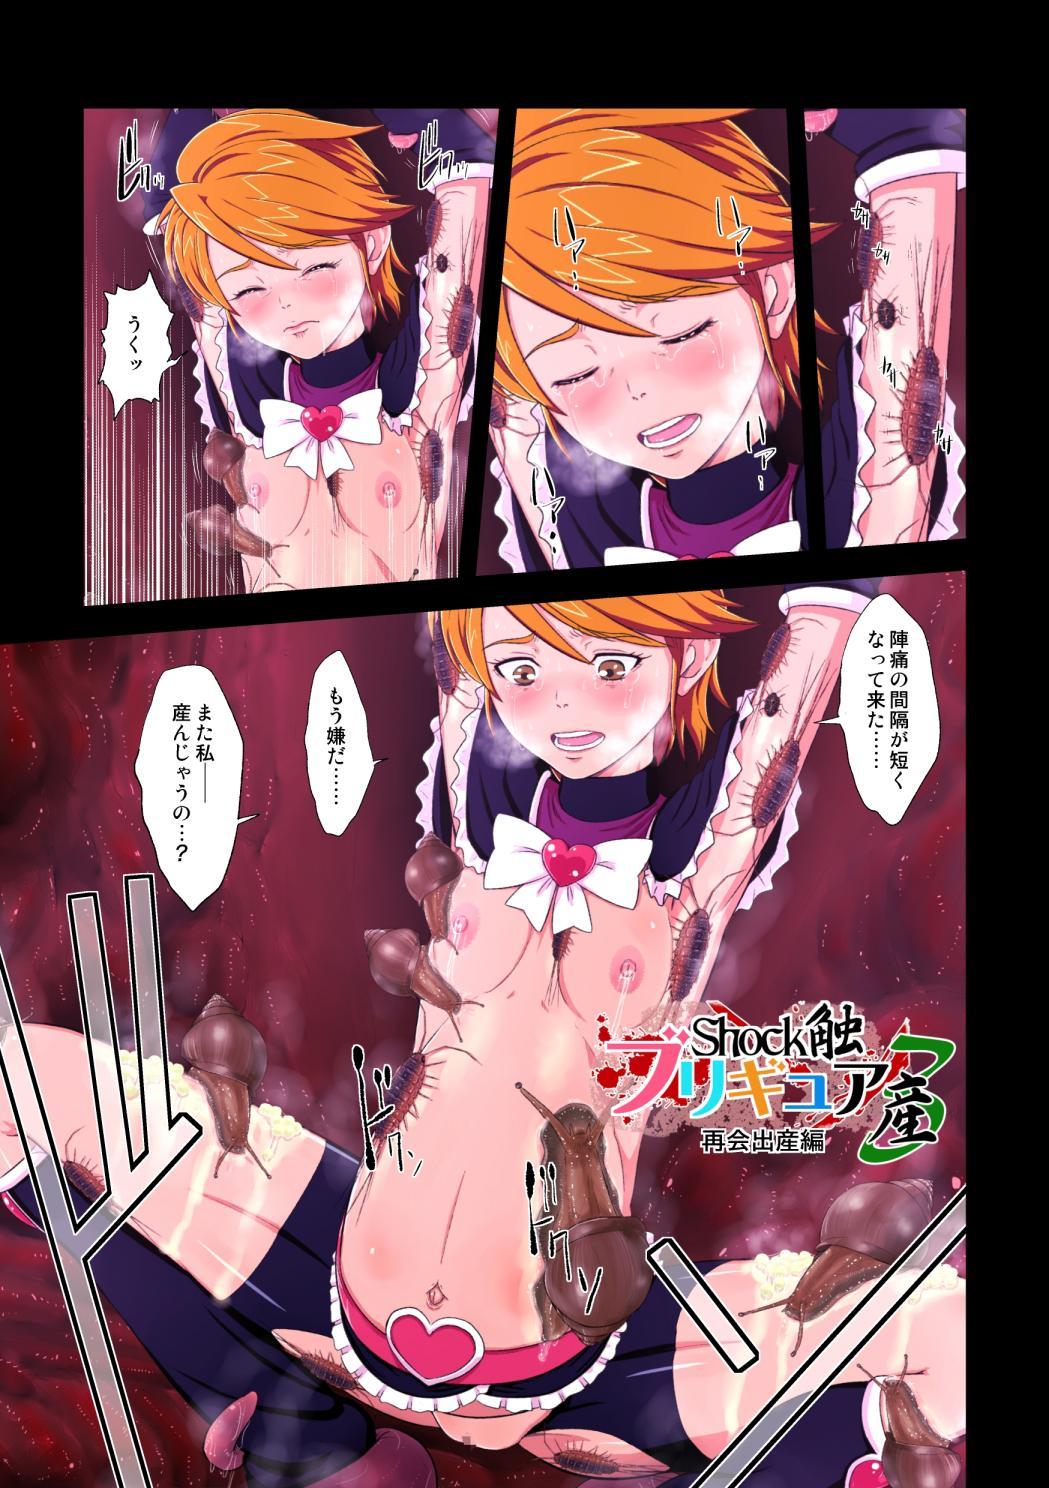 Shock Shoku Burigyua San 42